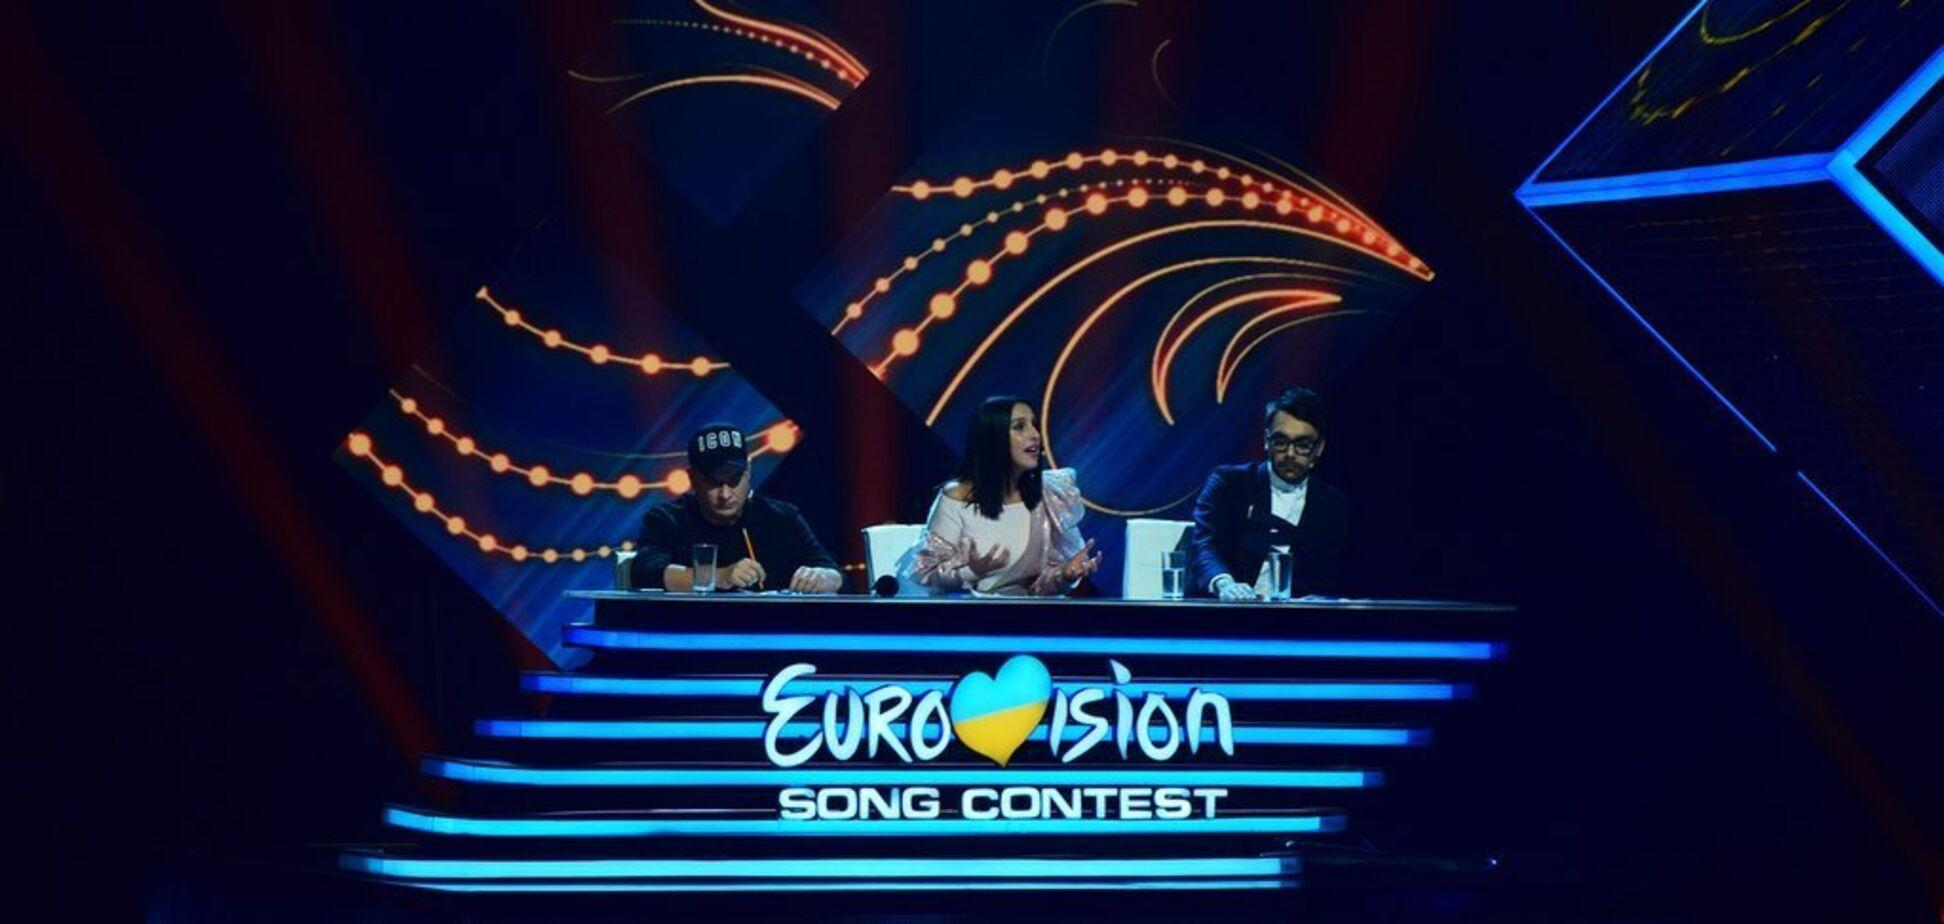 Євробачення під контролем ФСБ, або Один бал для YUKO і Юлі